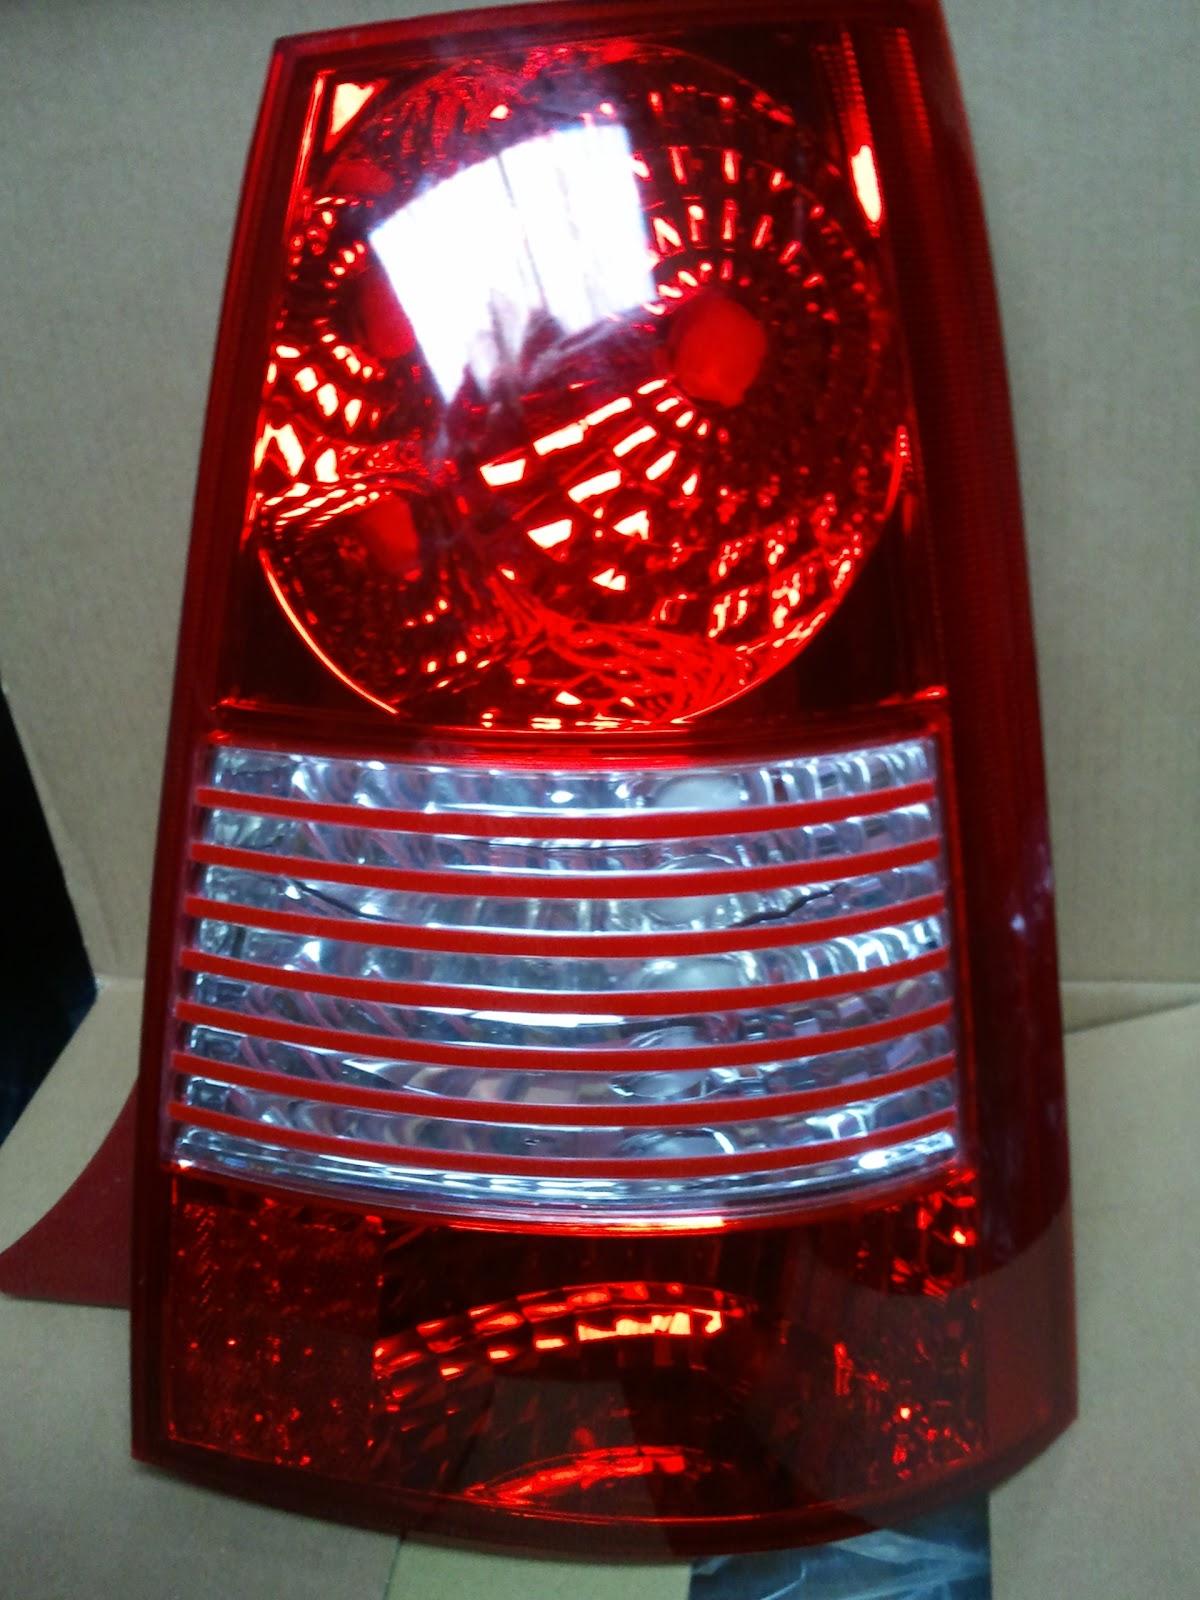 stop lamp grand new veloz all kijang innova harga kia picanto onderdil mobil korea